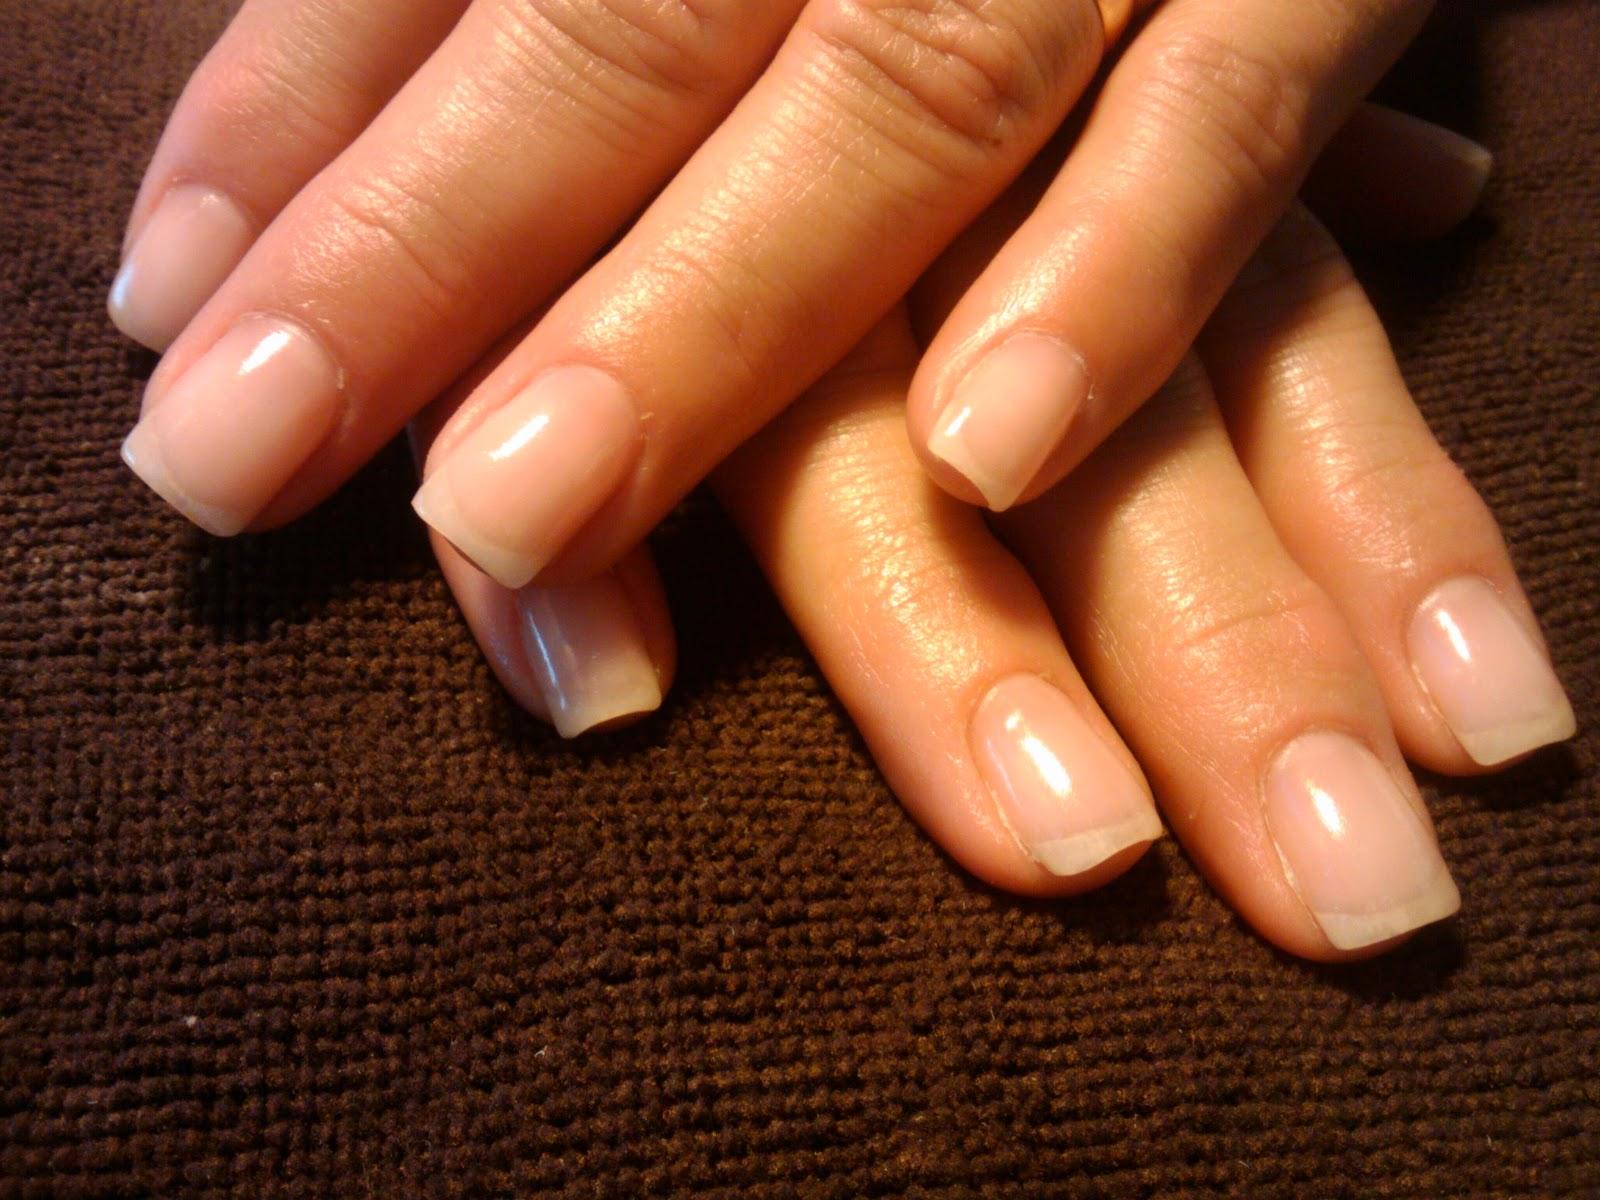 gel nails on natural nails photo - 1